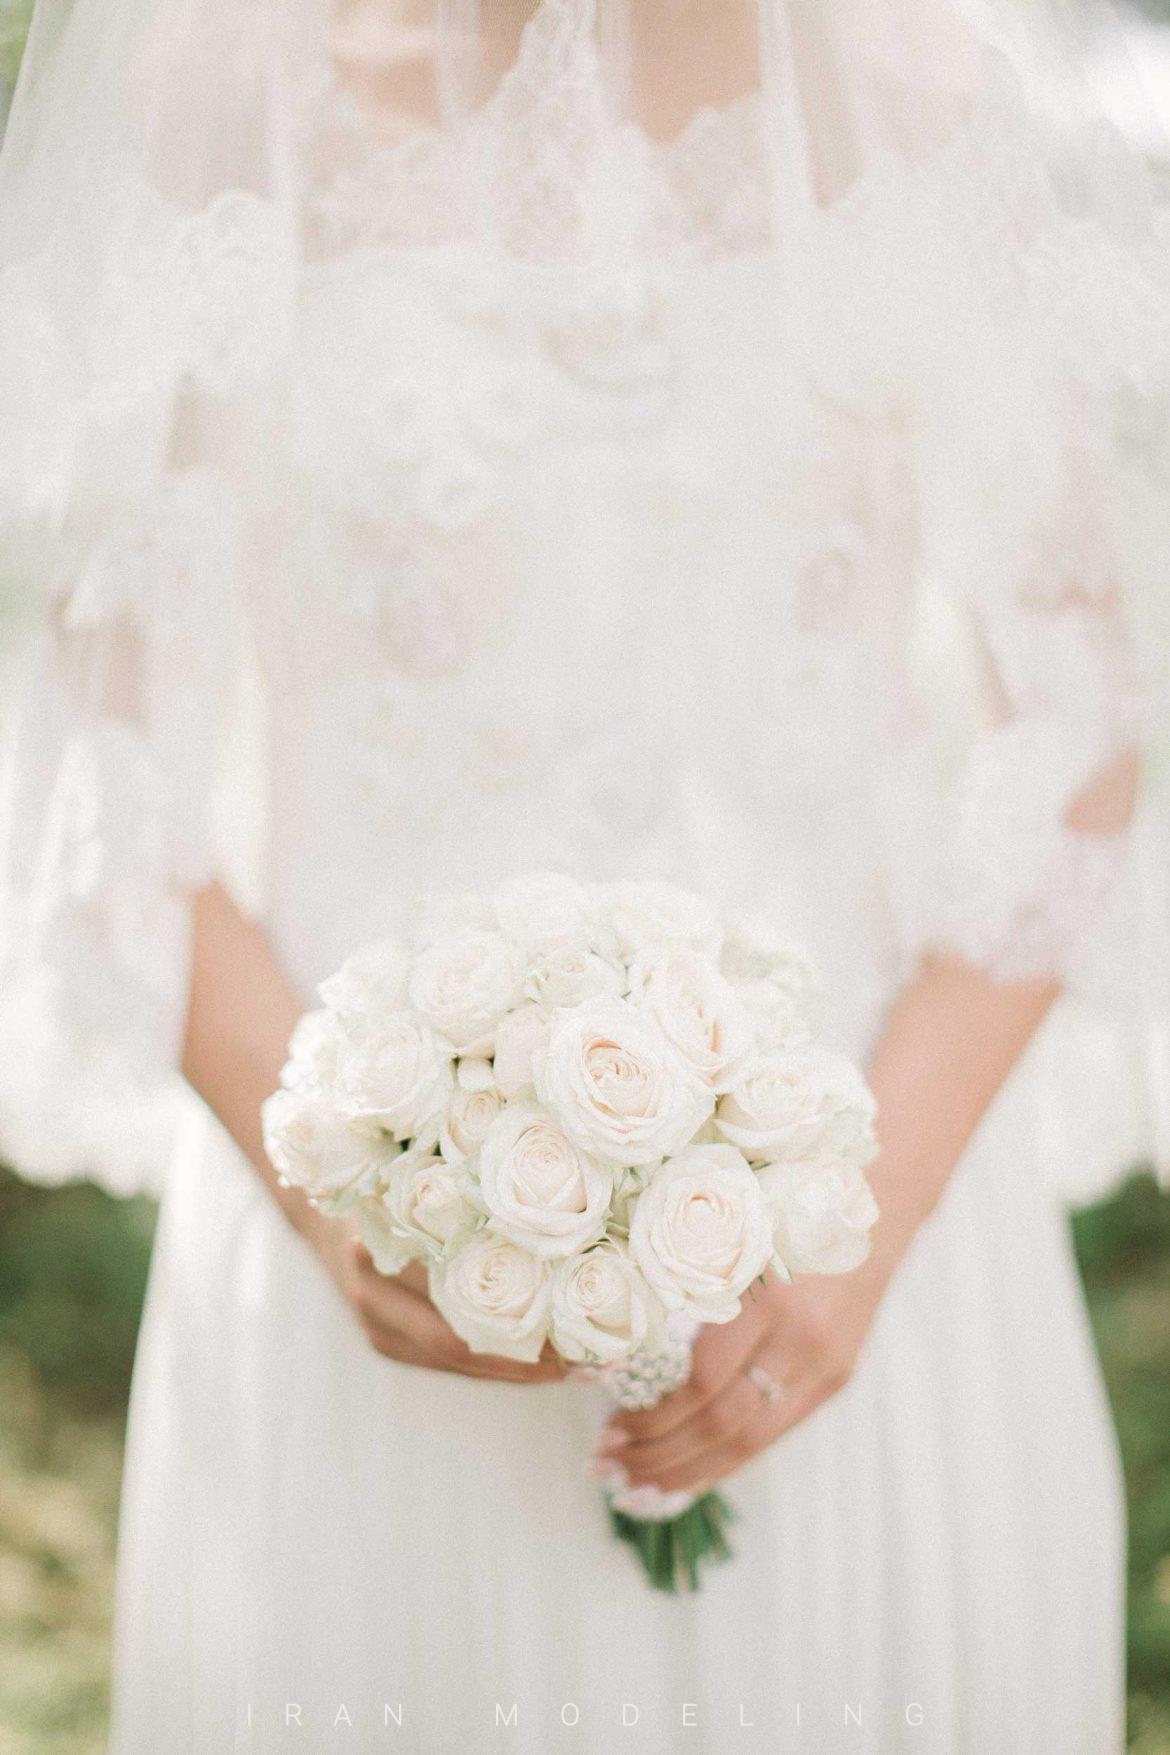 26 لباس عروس از نسل جدید طراحی این نوع لباس که برای ایده گرفتن طراحان پیشنهاد می شود